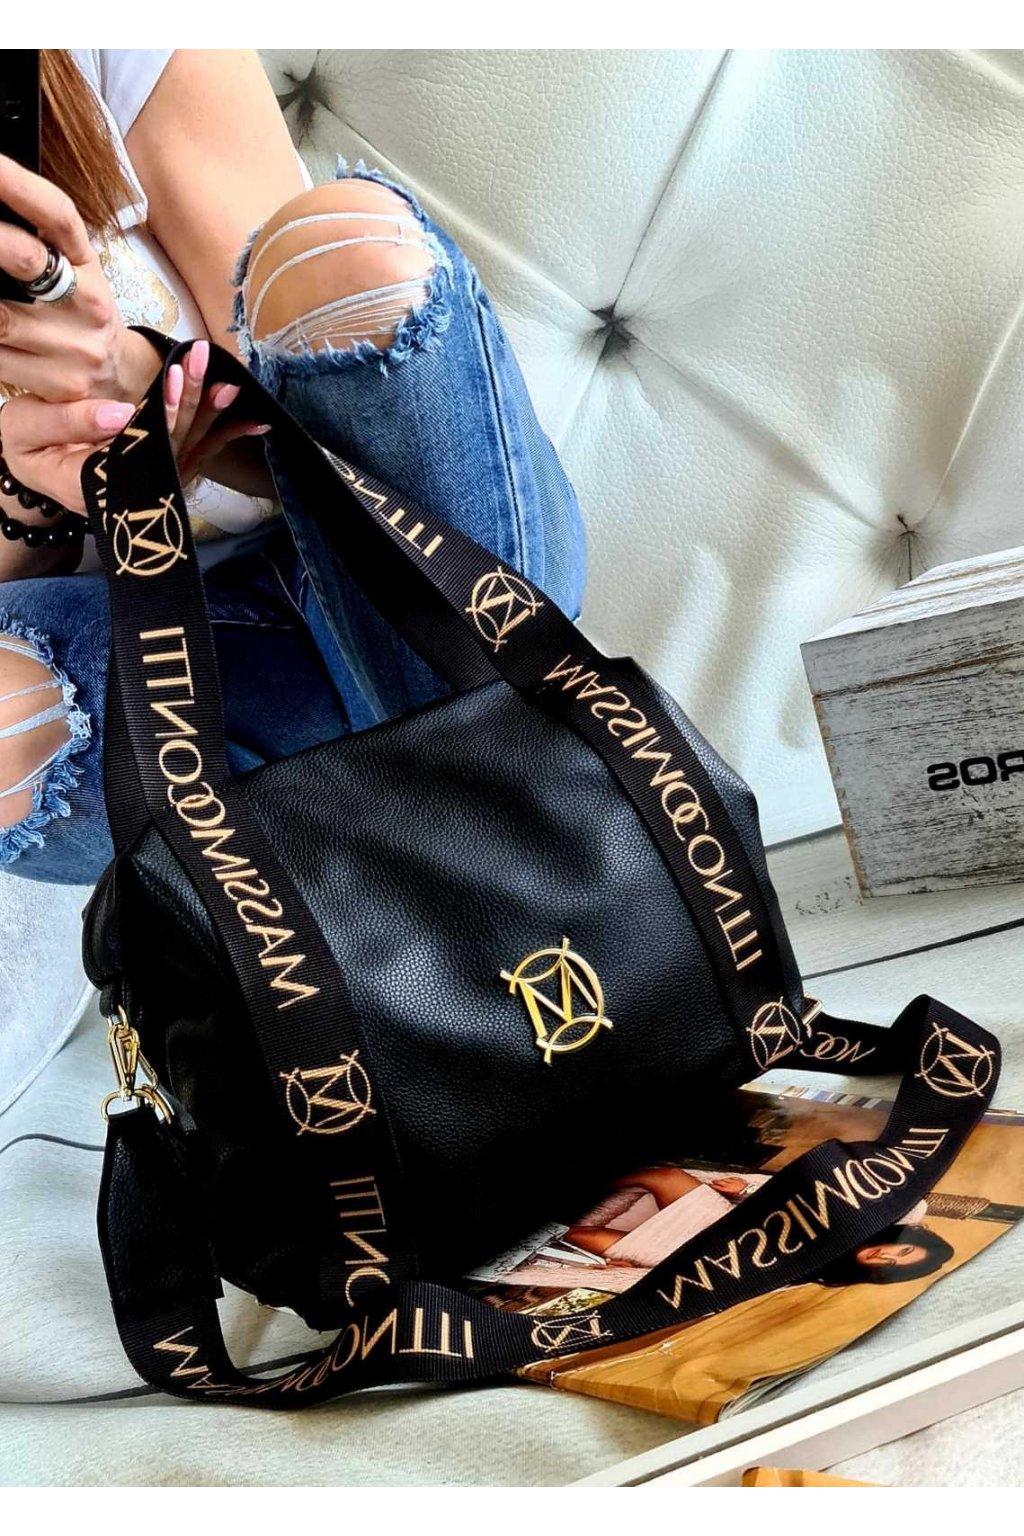 kabelka massimo contti fashion trendy italy style fashion luxusní kabelka luxury černá